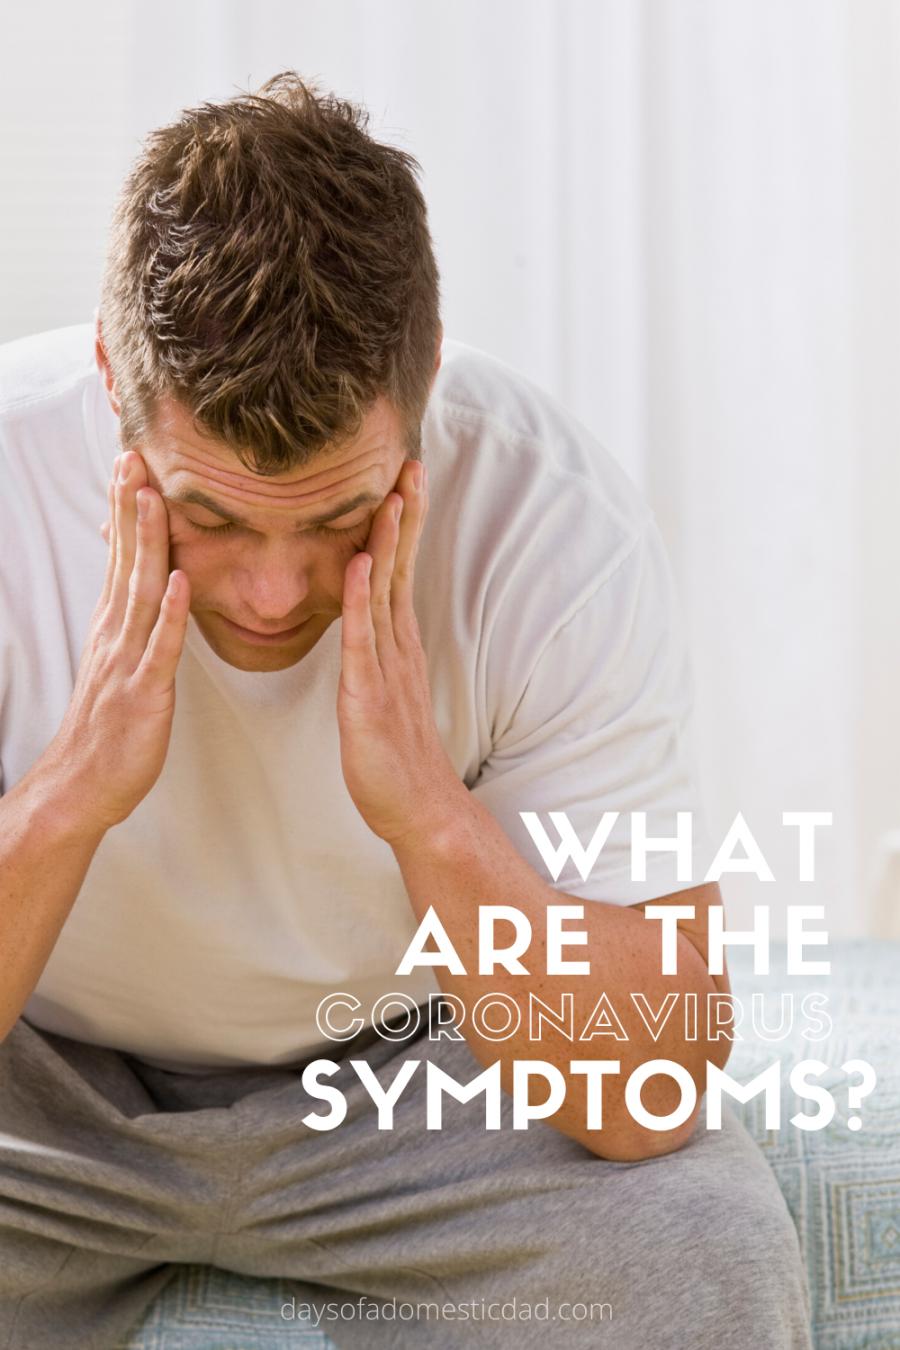 What are the Coronavirus Symptoms?